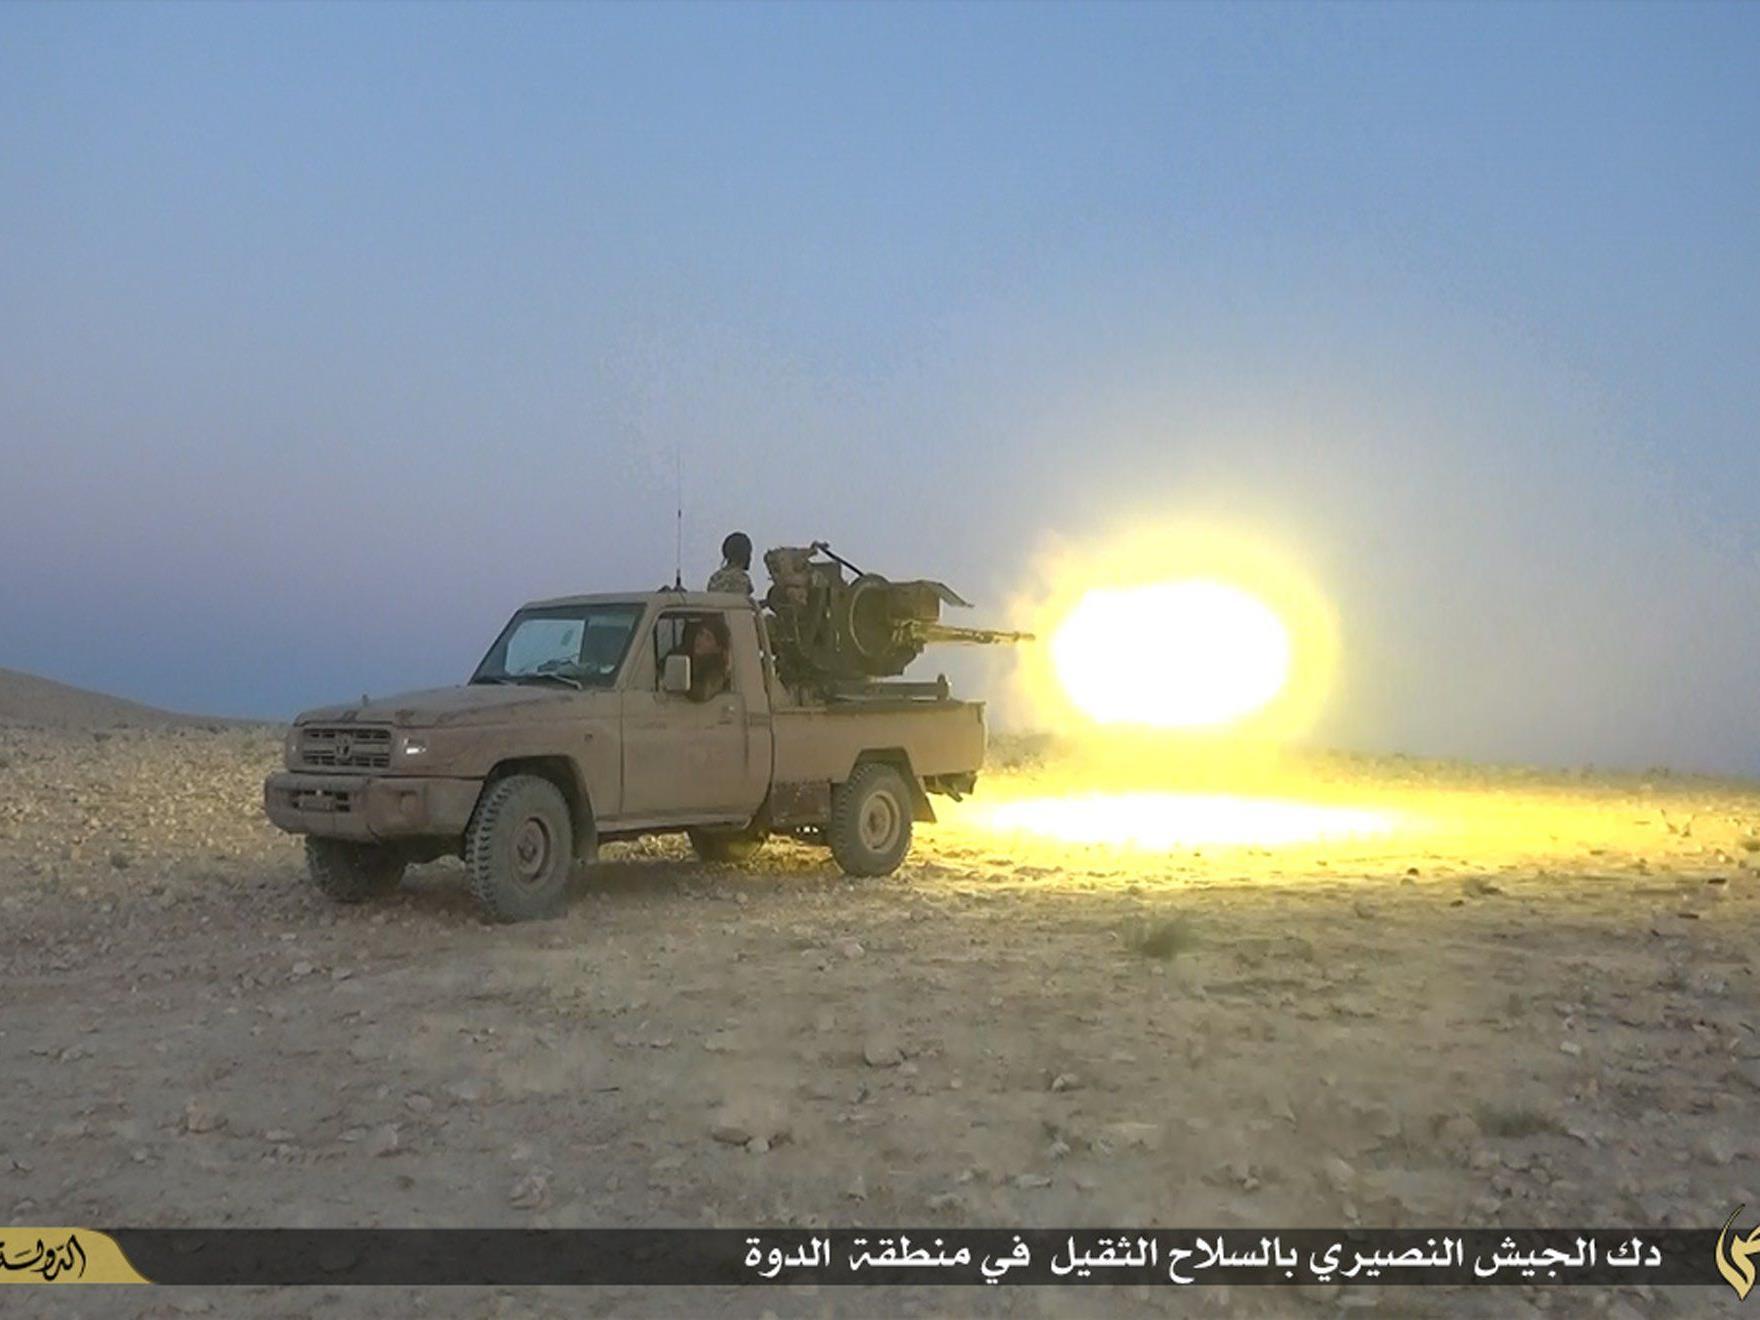 Ein Kämpfer der IS feuert in Homs auf Kämpfer des Assad-Regimes.